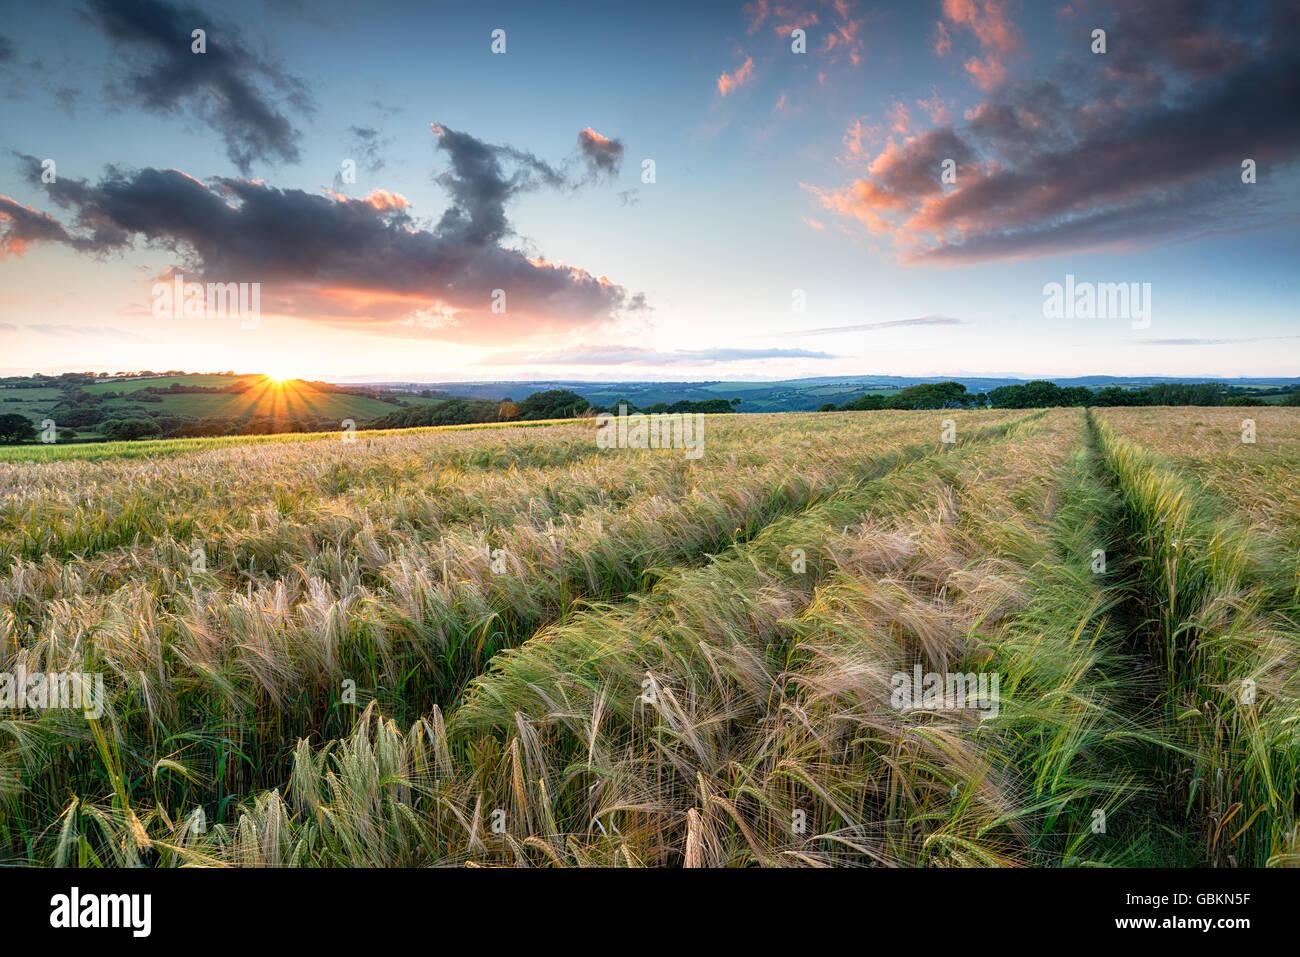 Magnifique coucher de soleil sur un champ d'orge de maturation sur les terres agricoles près de Bodmin Photo Stock